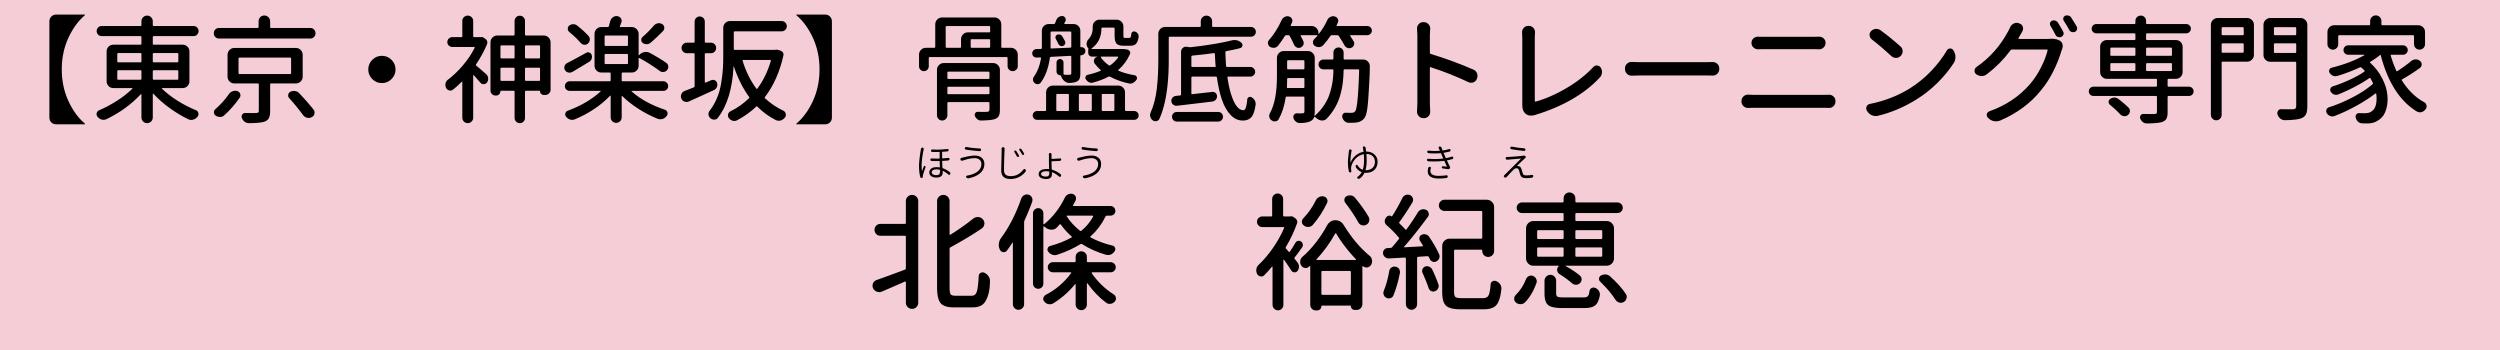 東京新宿区神楽坂 骨盤底筋トレーニング専門家【YUI】 北條ゆきえ